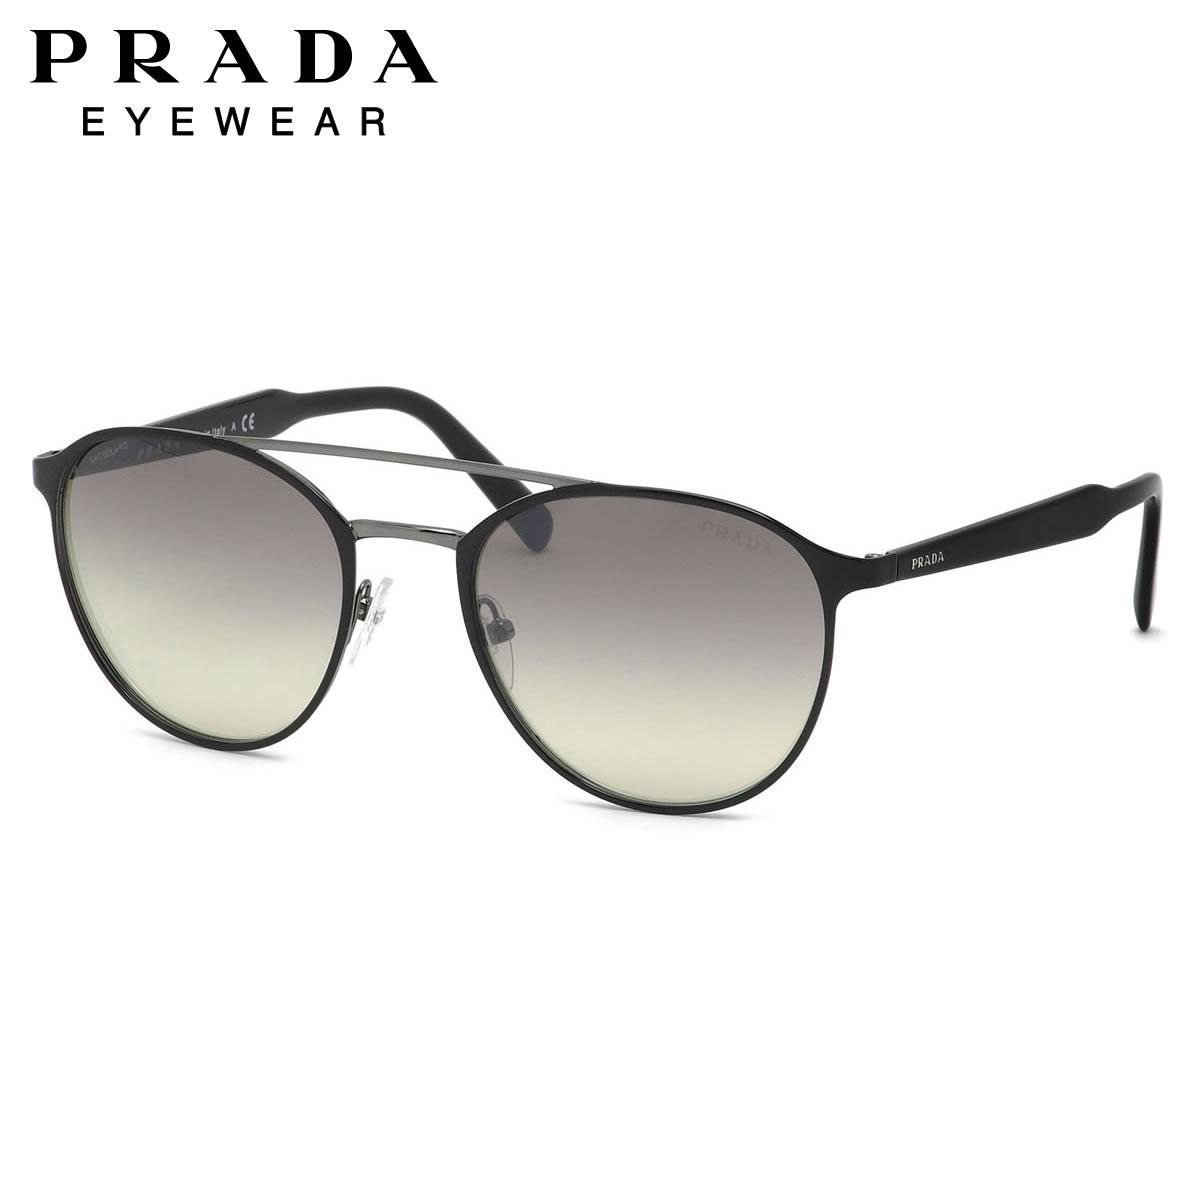 【10月30日からエントリーで全品ポイント20倍】プラダ PRADA サングラスPR62TS 1AB4S1 54サイズボストン 異素材 ミックス モード ツーブリッジ ダブルブリッジ ノーブルプラダ PRADA メンズ レディース